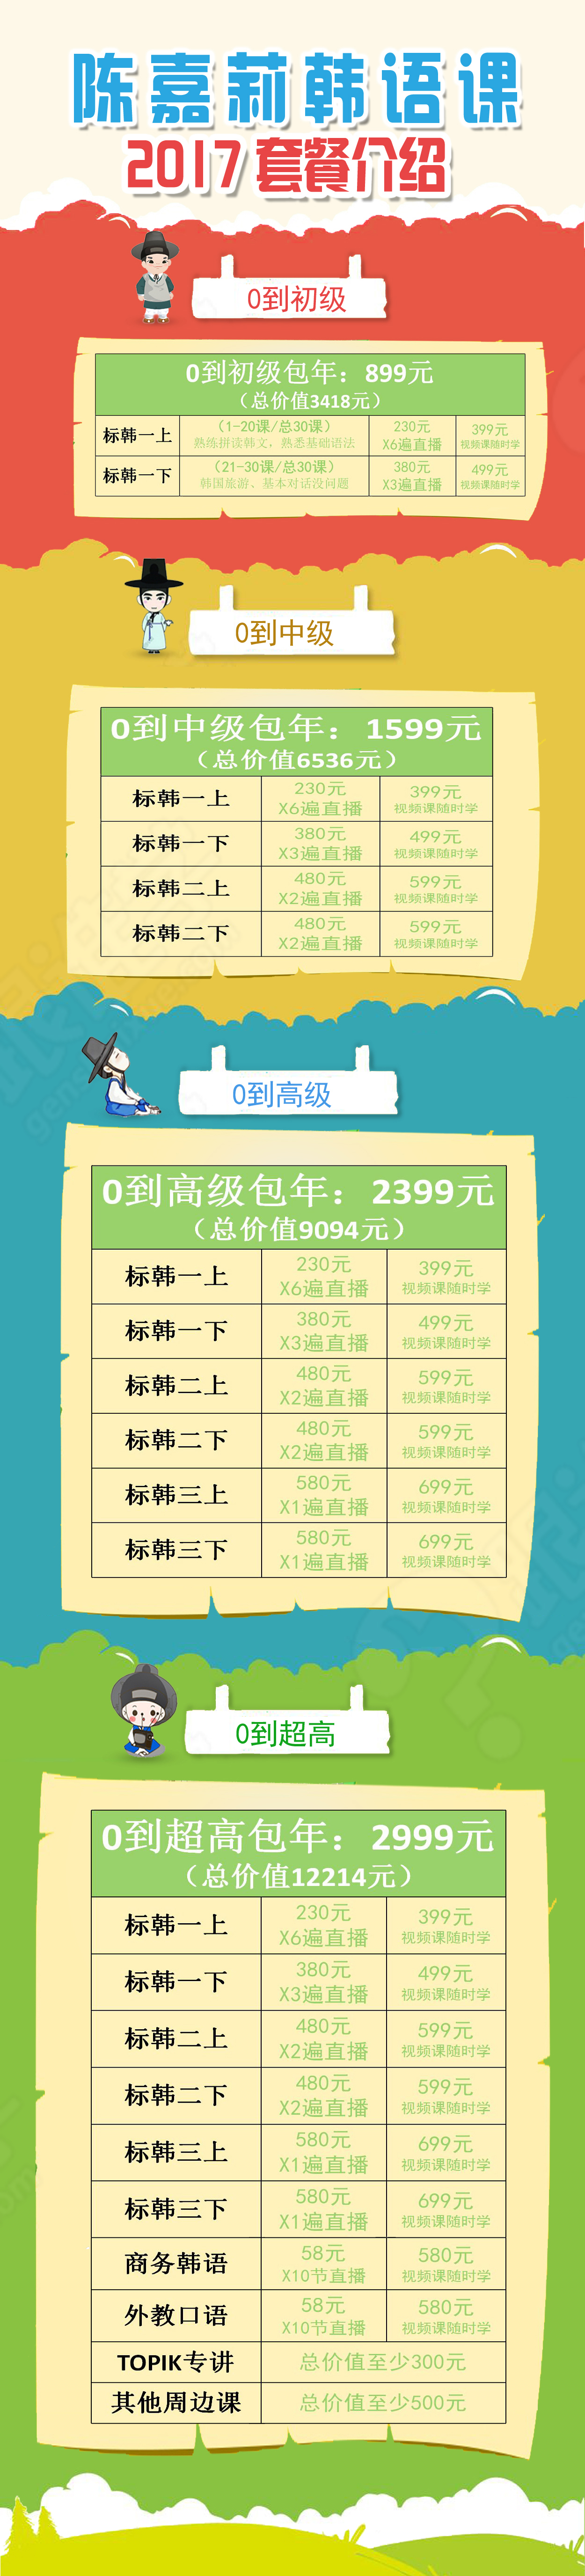 2017套餐介绍副本.jpg